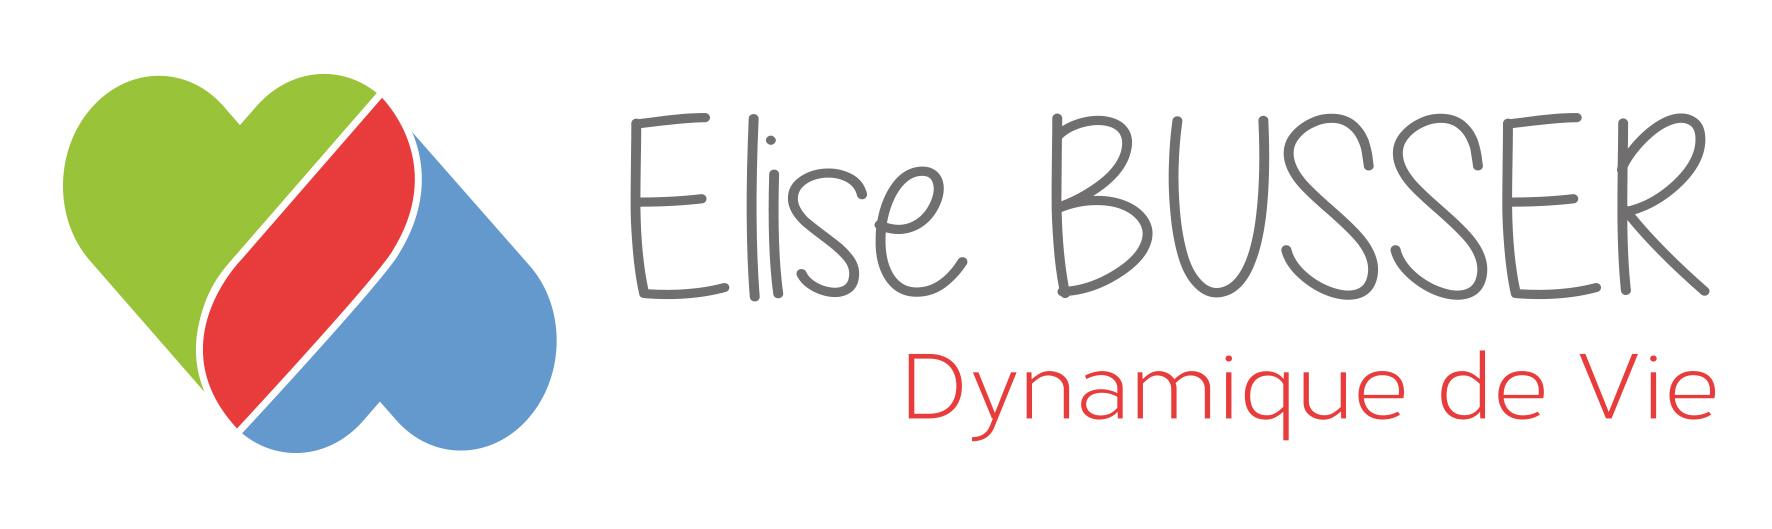 Elise Busser